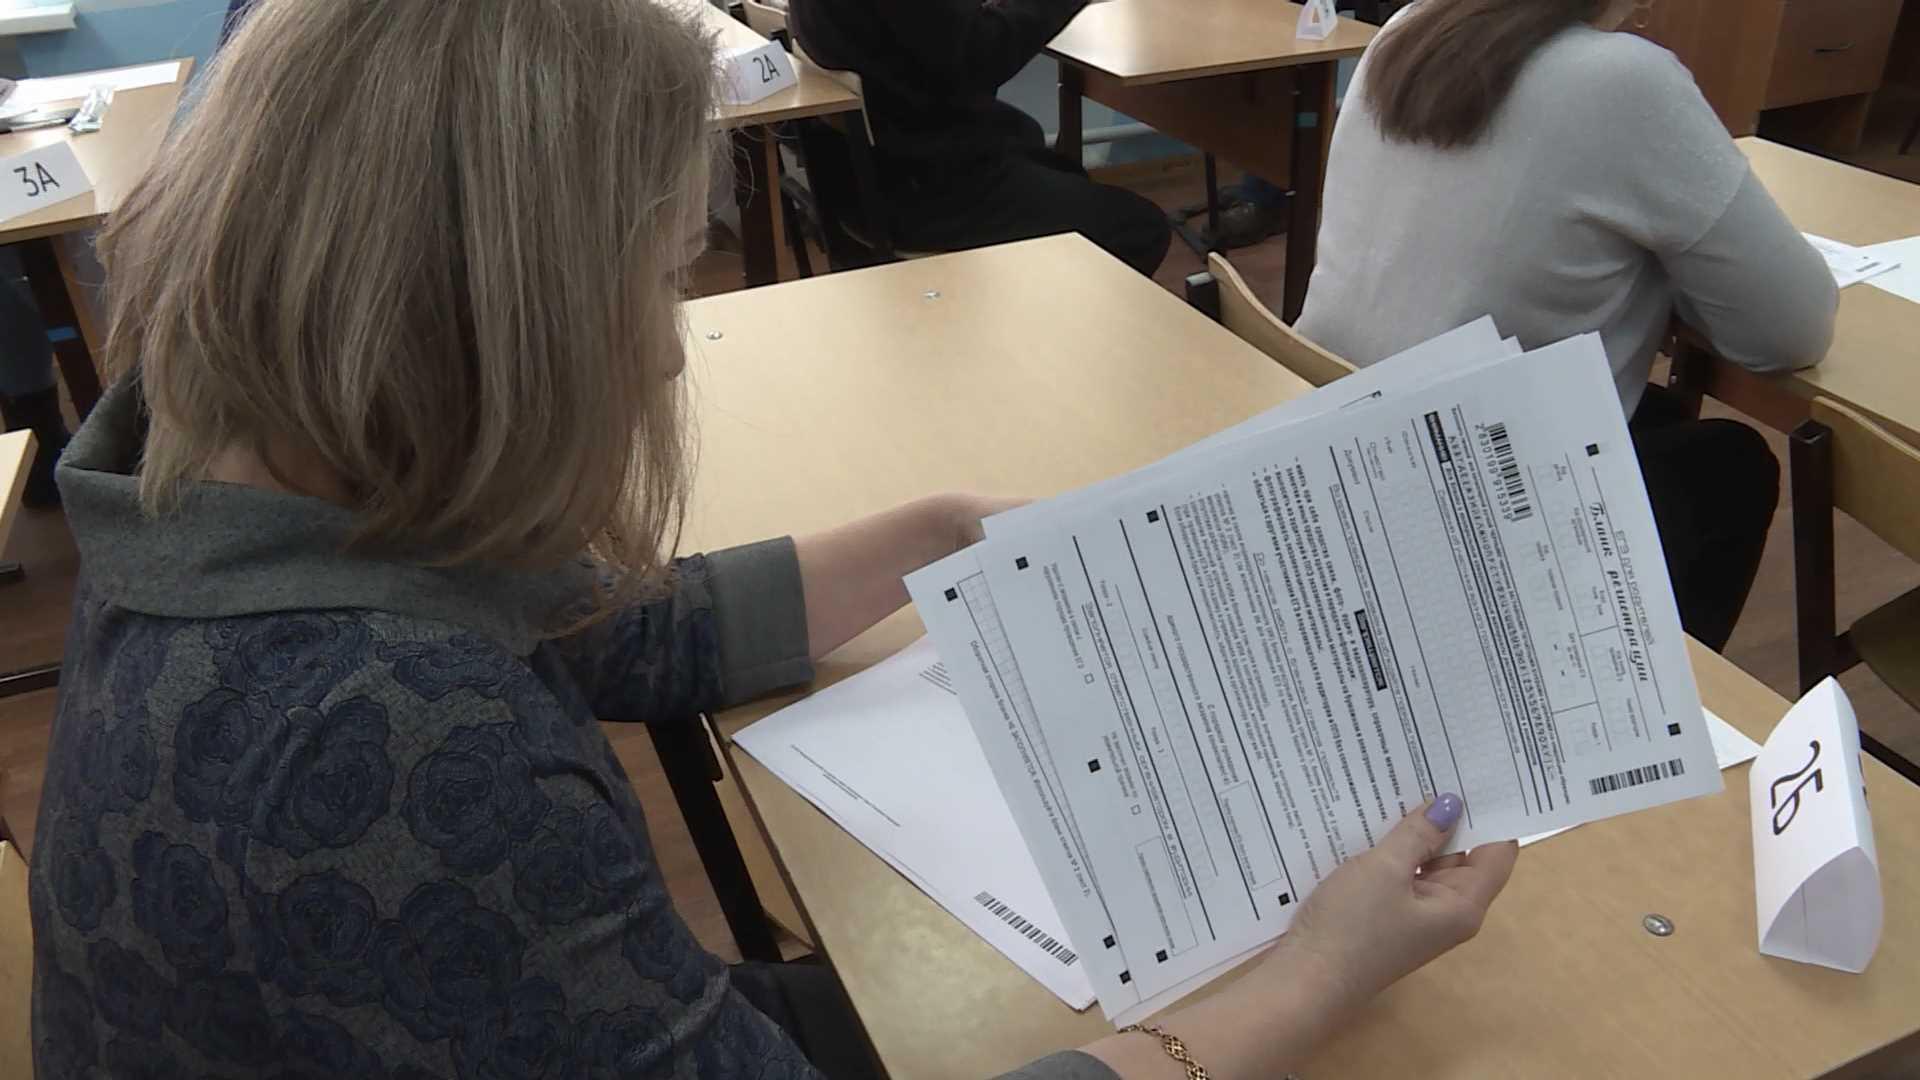 менее часа назад                                                                                                                                                                                                                                                                                               Выпускники школ из 90-х напишут ЕГЭ в Костроме                                                                Вместе с родителями нынешних старшеклассников за парты сегодня сядут преподаватели вузов, чиновники, депутаты и бизнесмены.